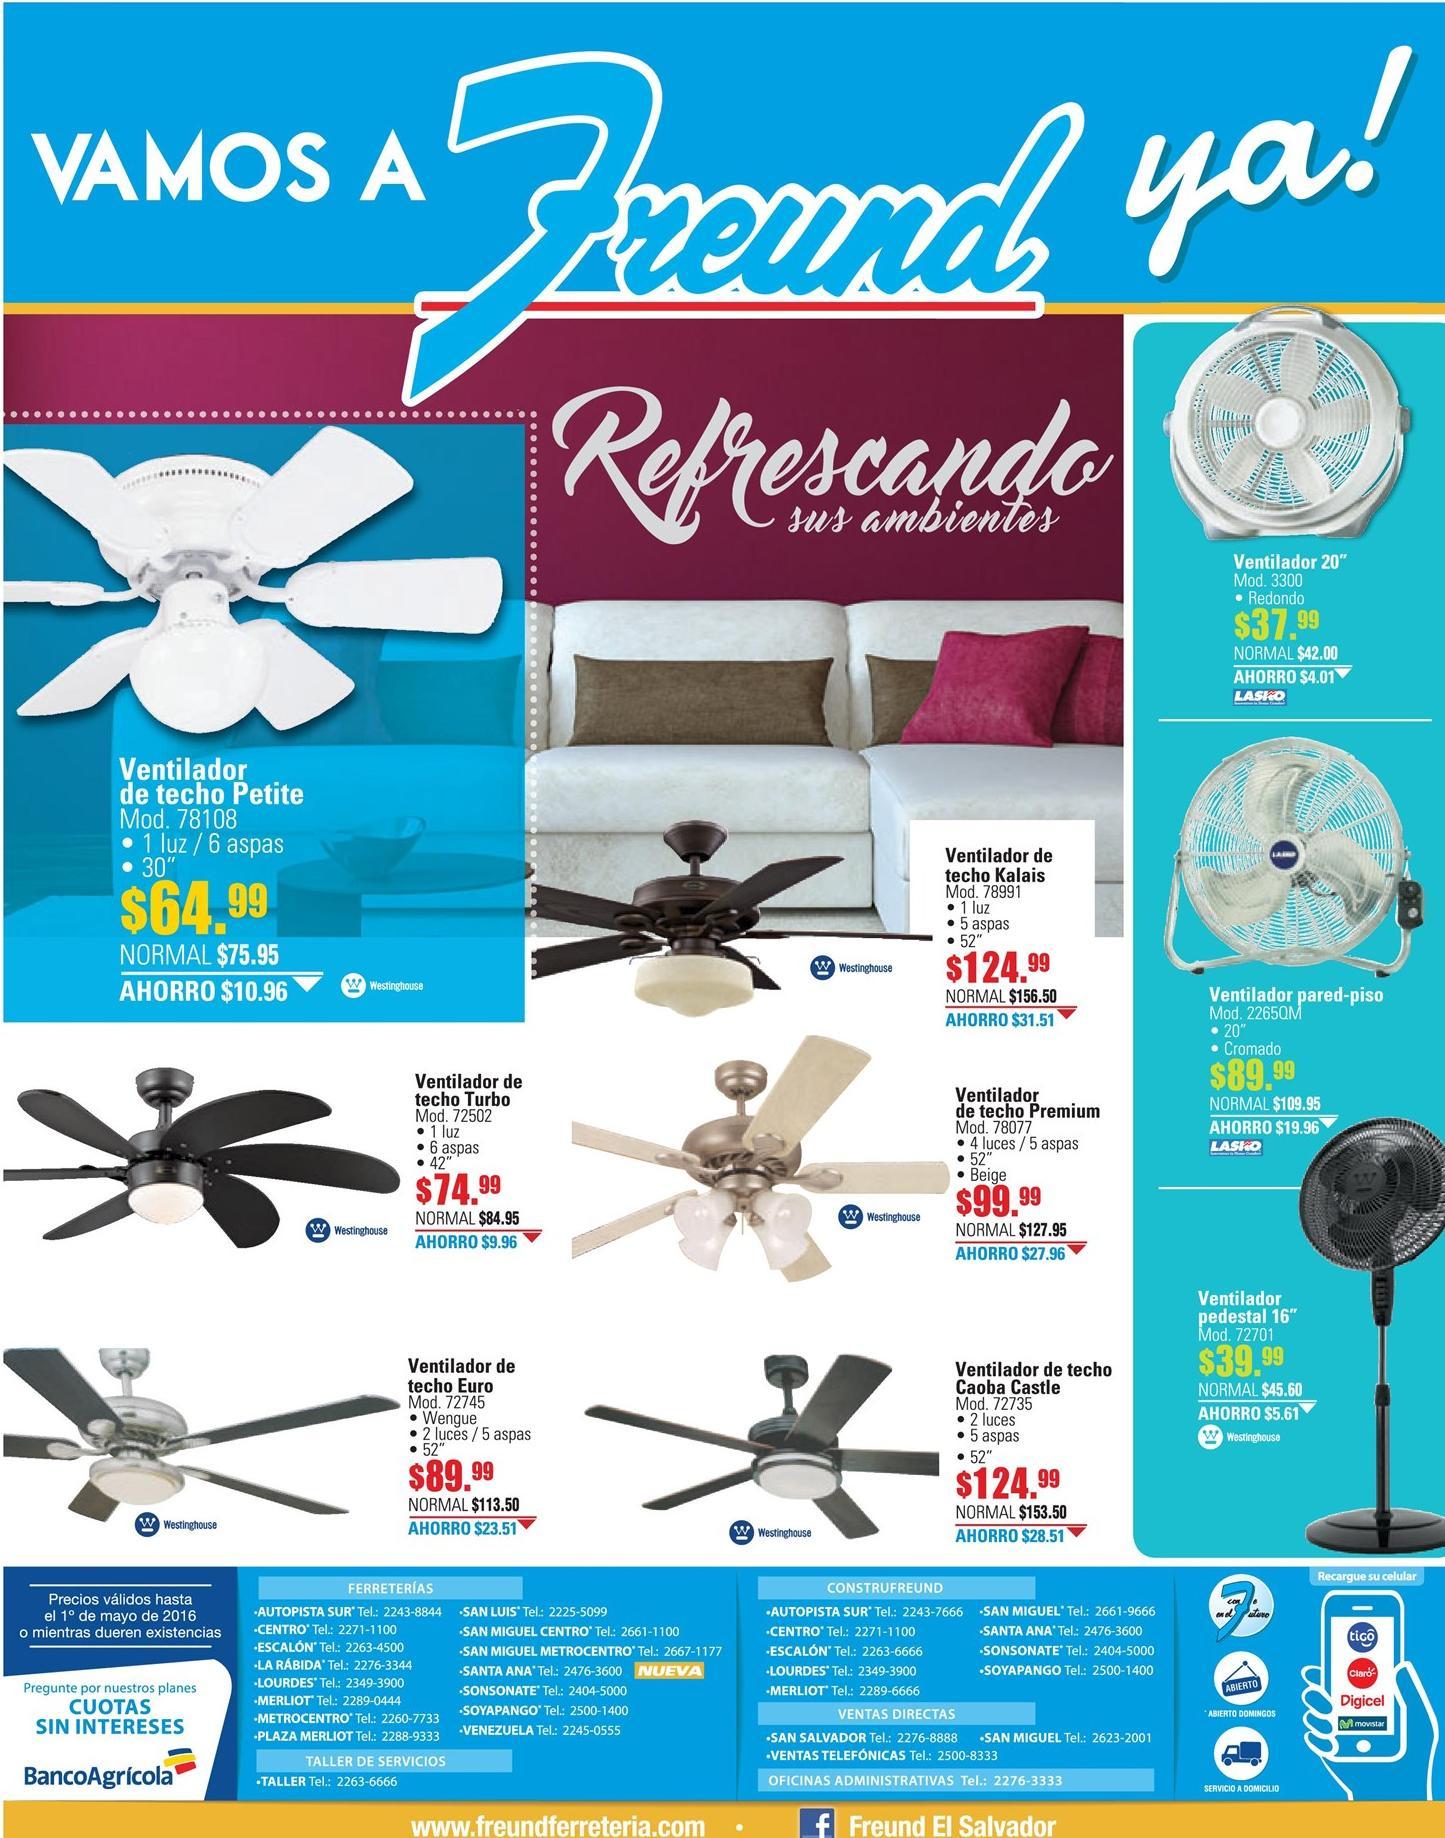 Freund temporada de calor ofertas en ventiladores para - Ventiladores silenciosos hogar ...